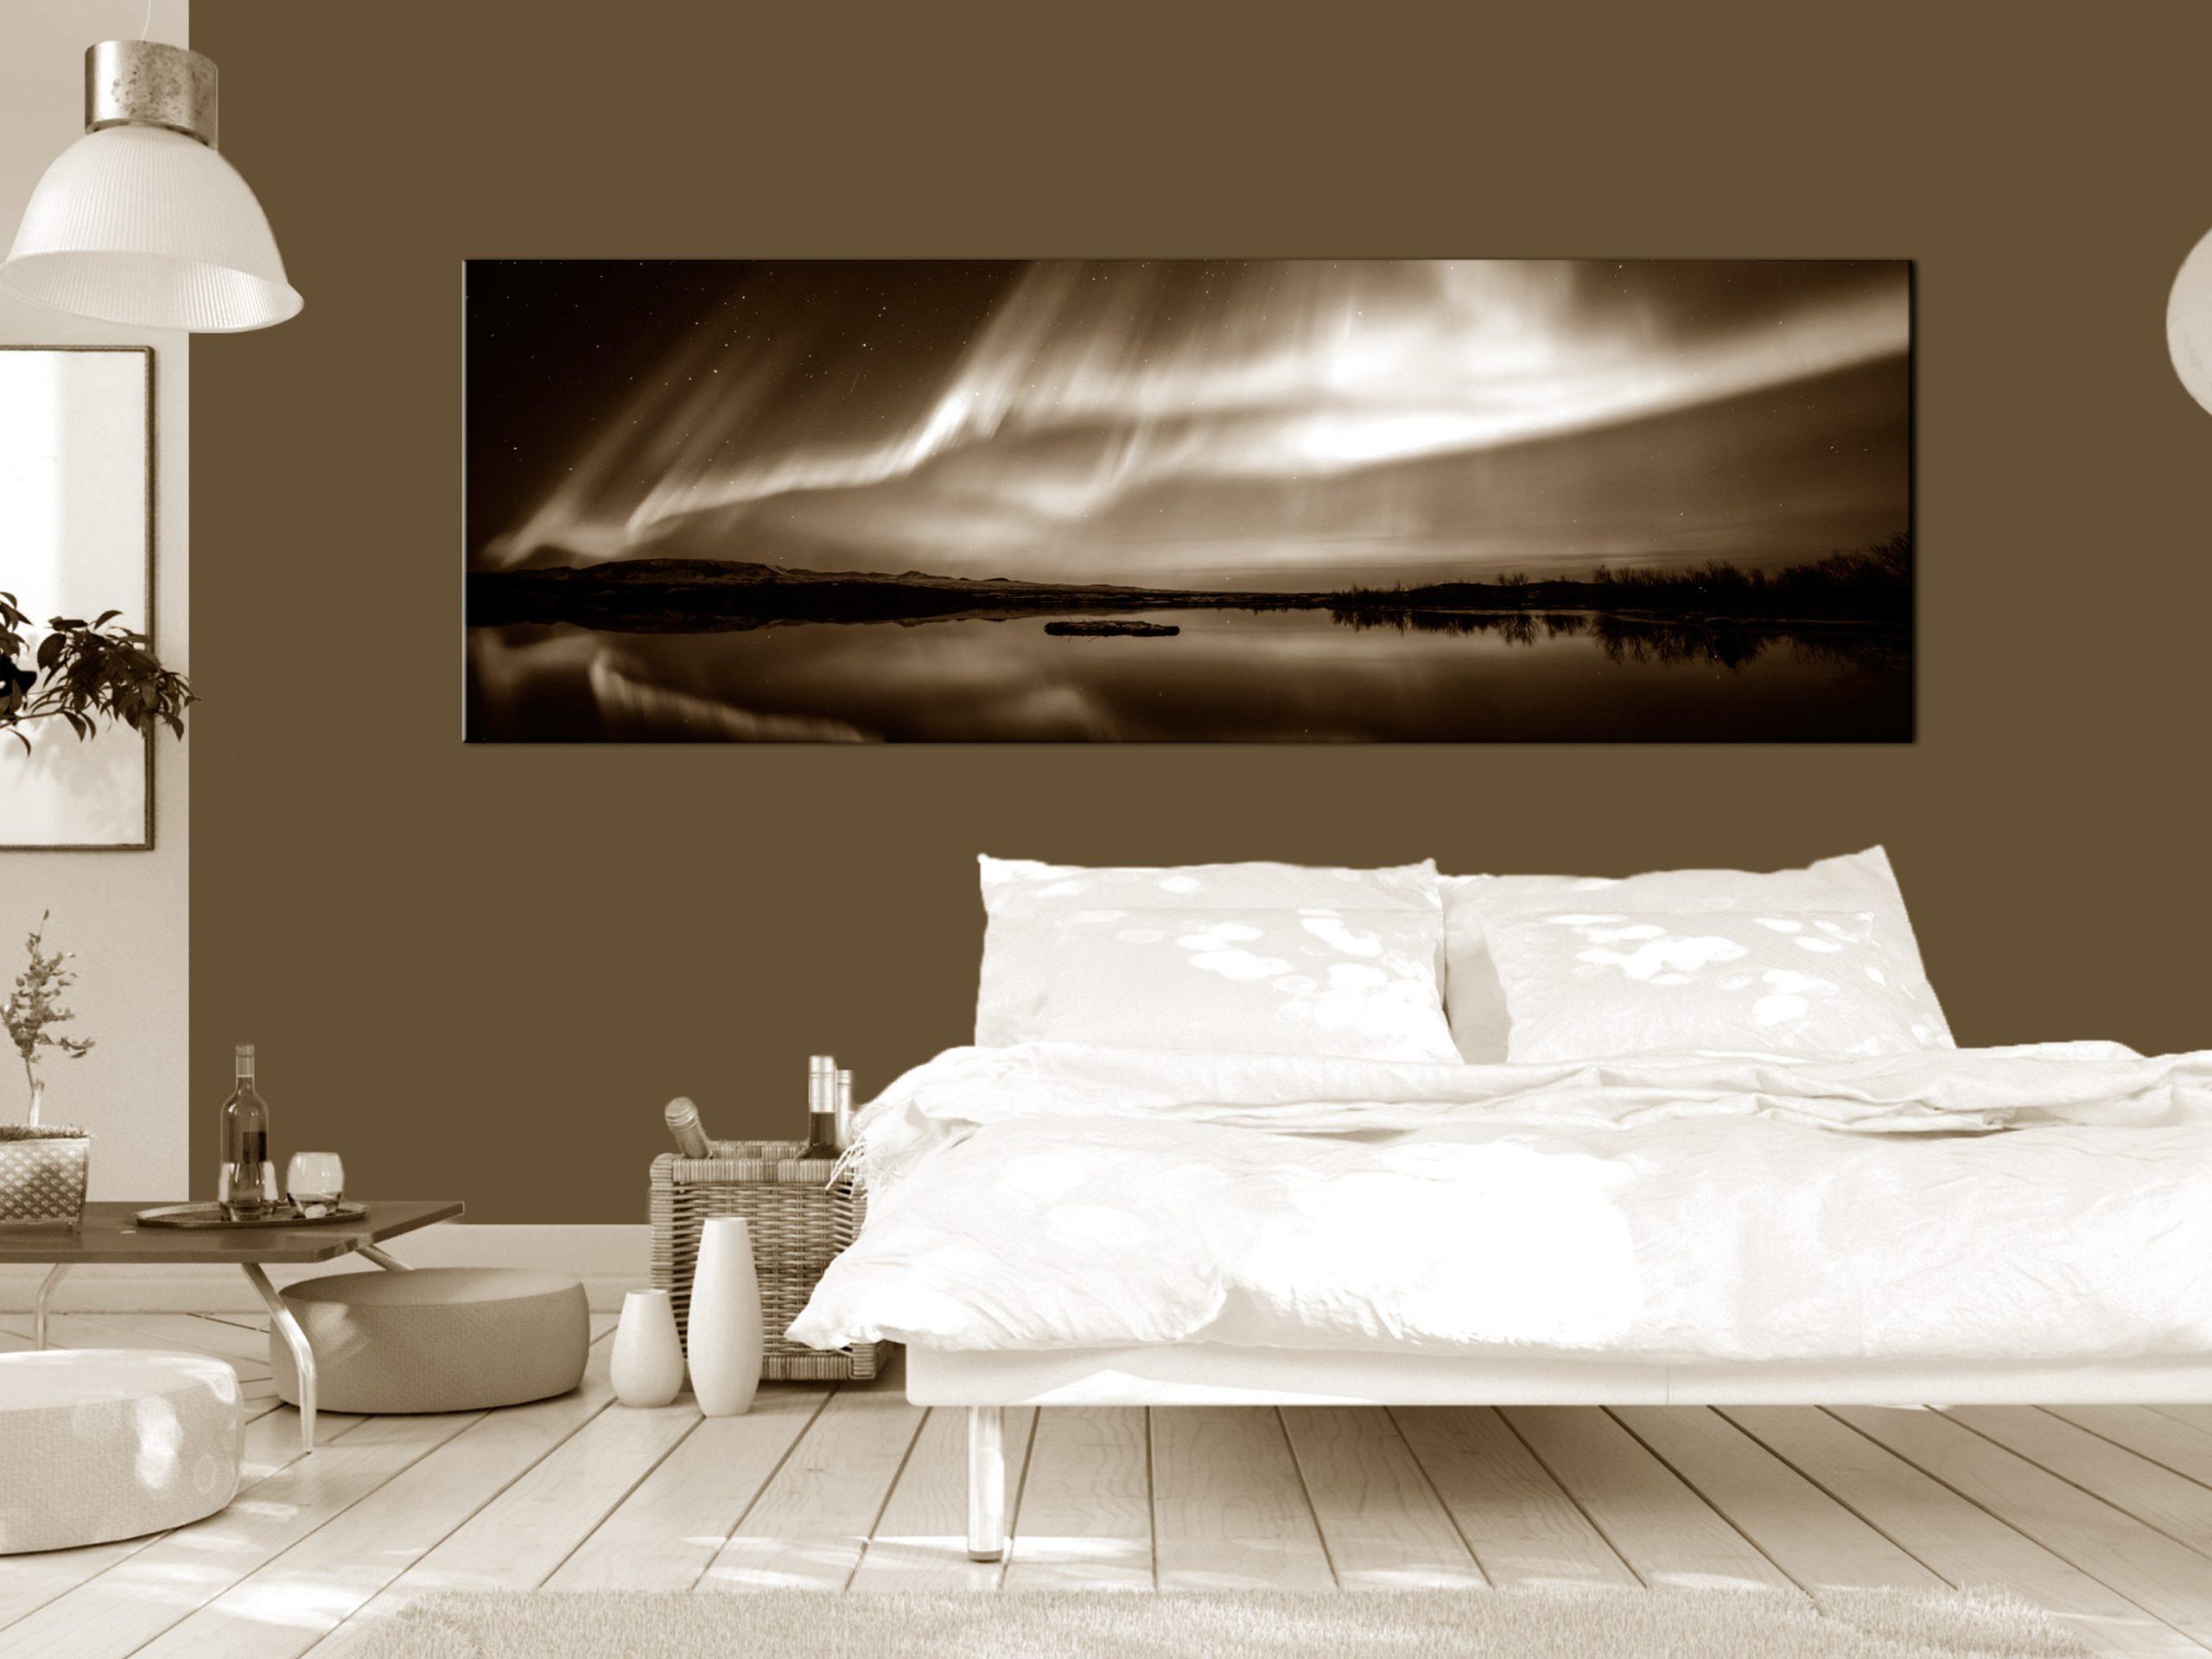 Full Size of Wohnzimmer Bilder Xxl Moderne Lutz Details Zu Polarlicht Nordlicht Wandbilder Vlies Leinwand C B 0289 Wohnwand Deckenleuchte Wandbild Schlafzimmer Stehleuchte Wohnzimmer Wohnzimmer Bilder Xxl